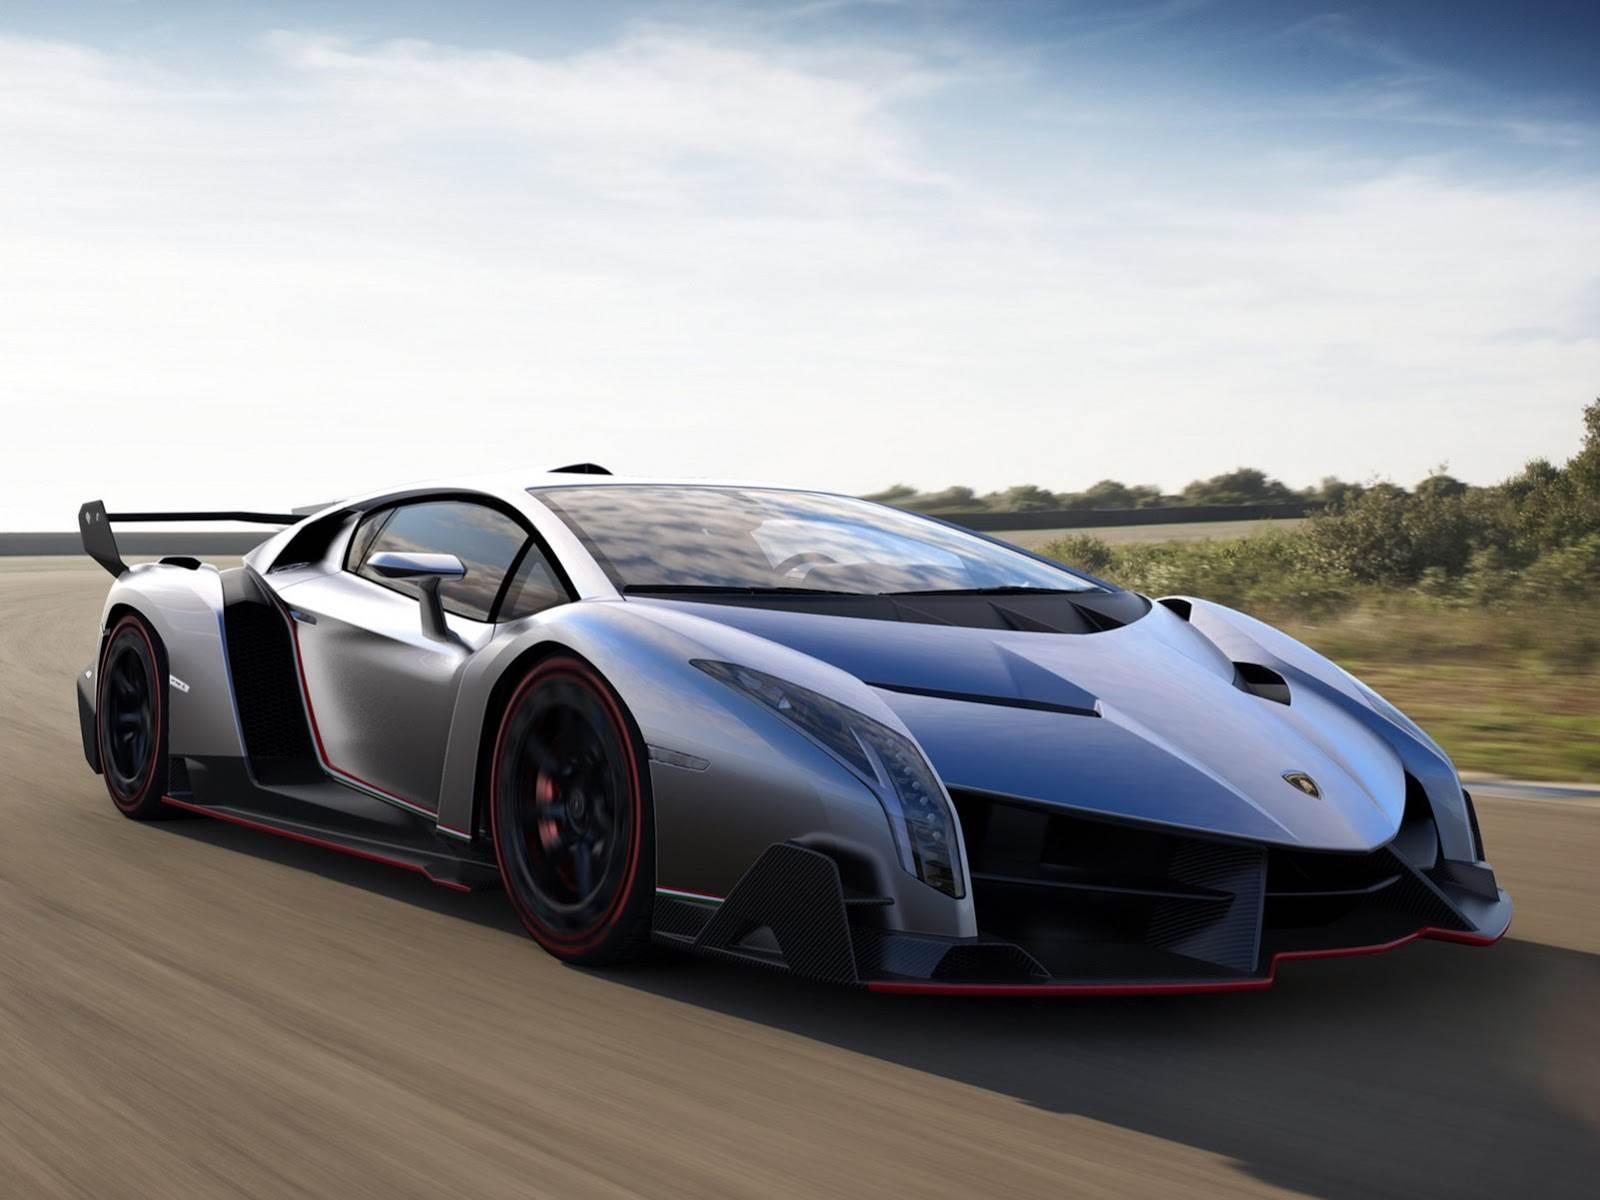 Lamborghini Veneno hypercar revealed